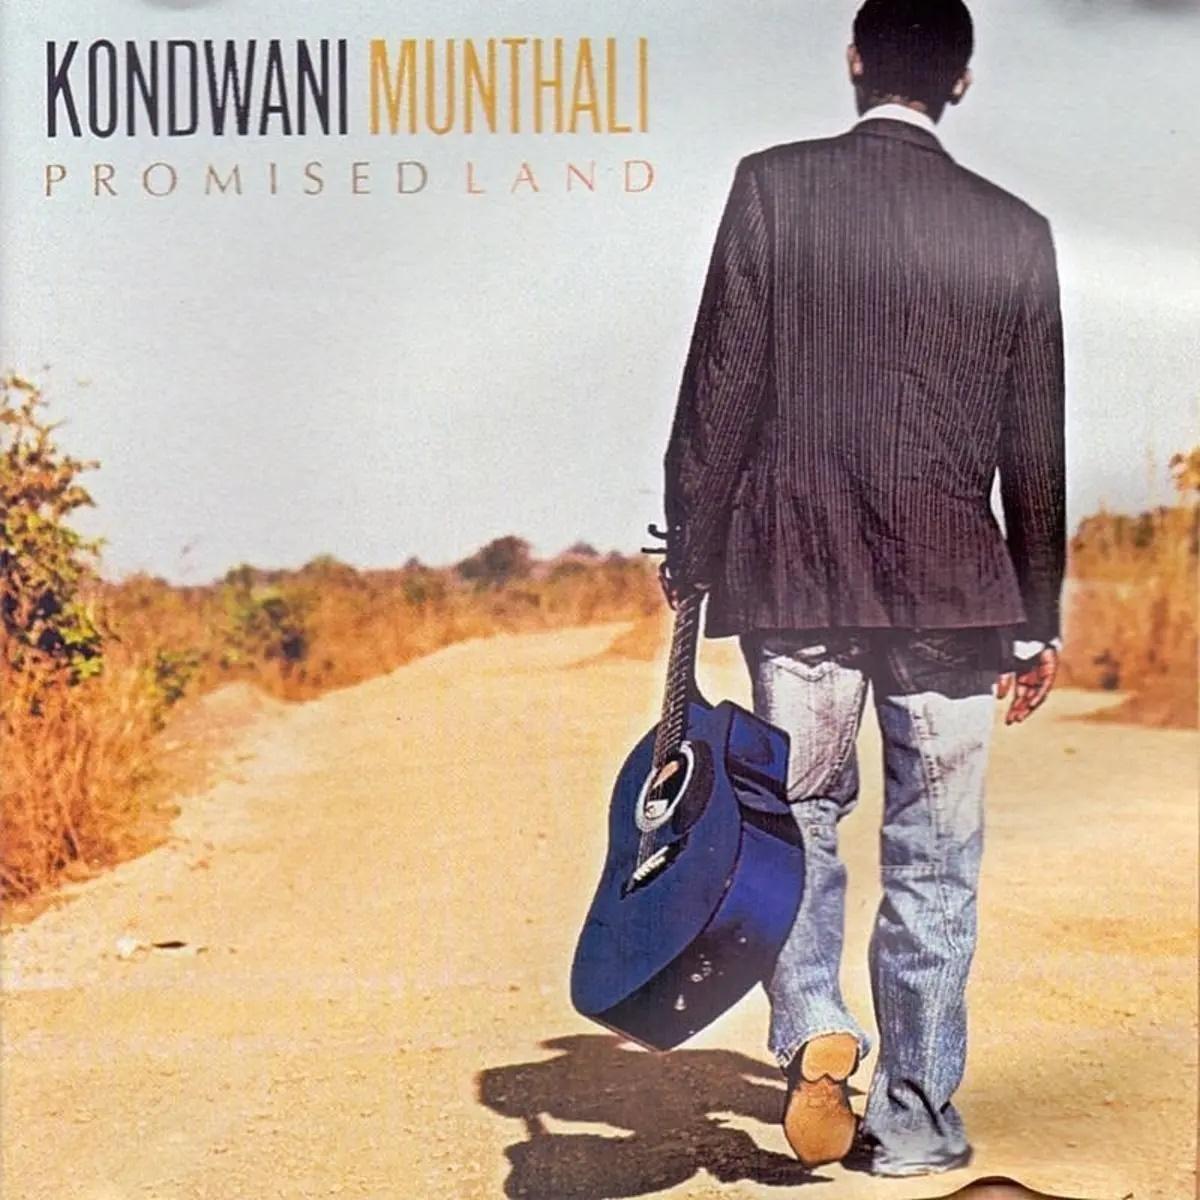 Kondwani Munthali